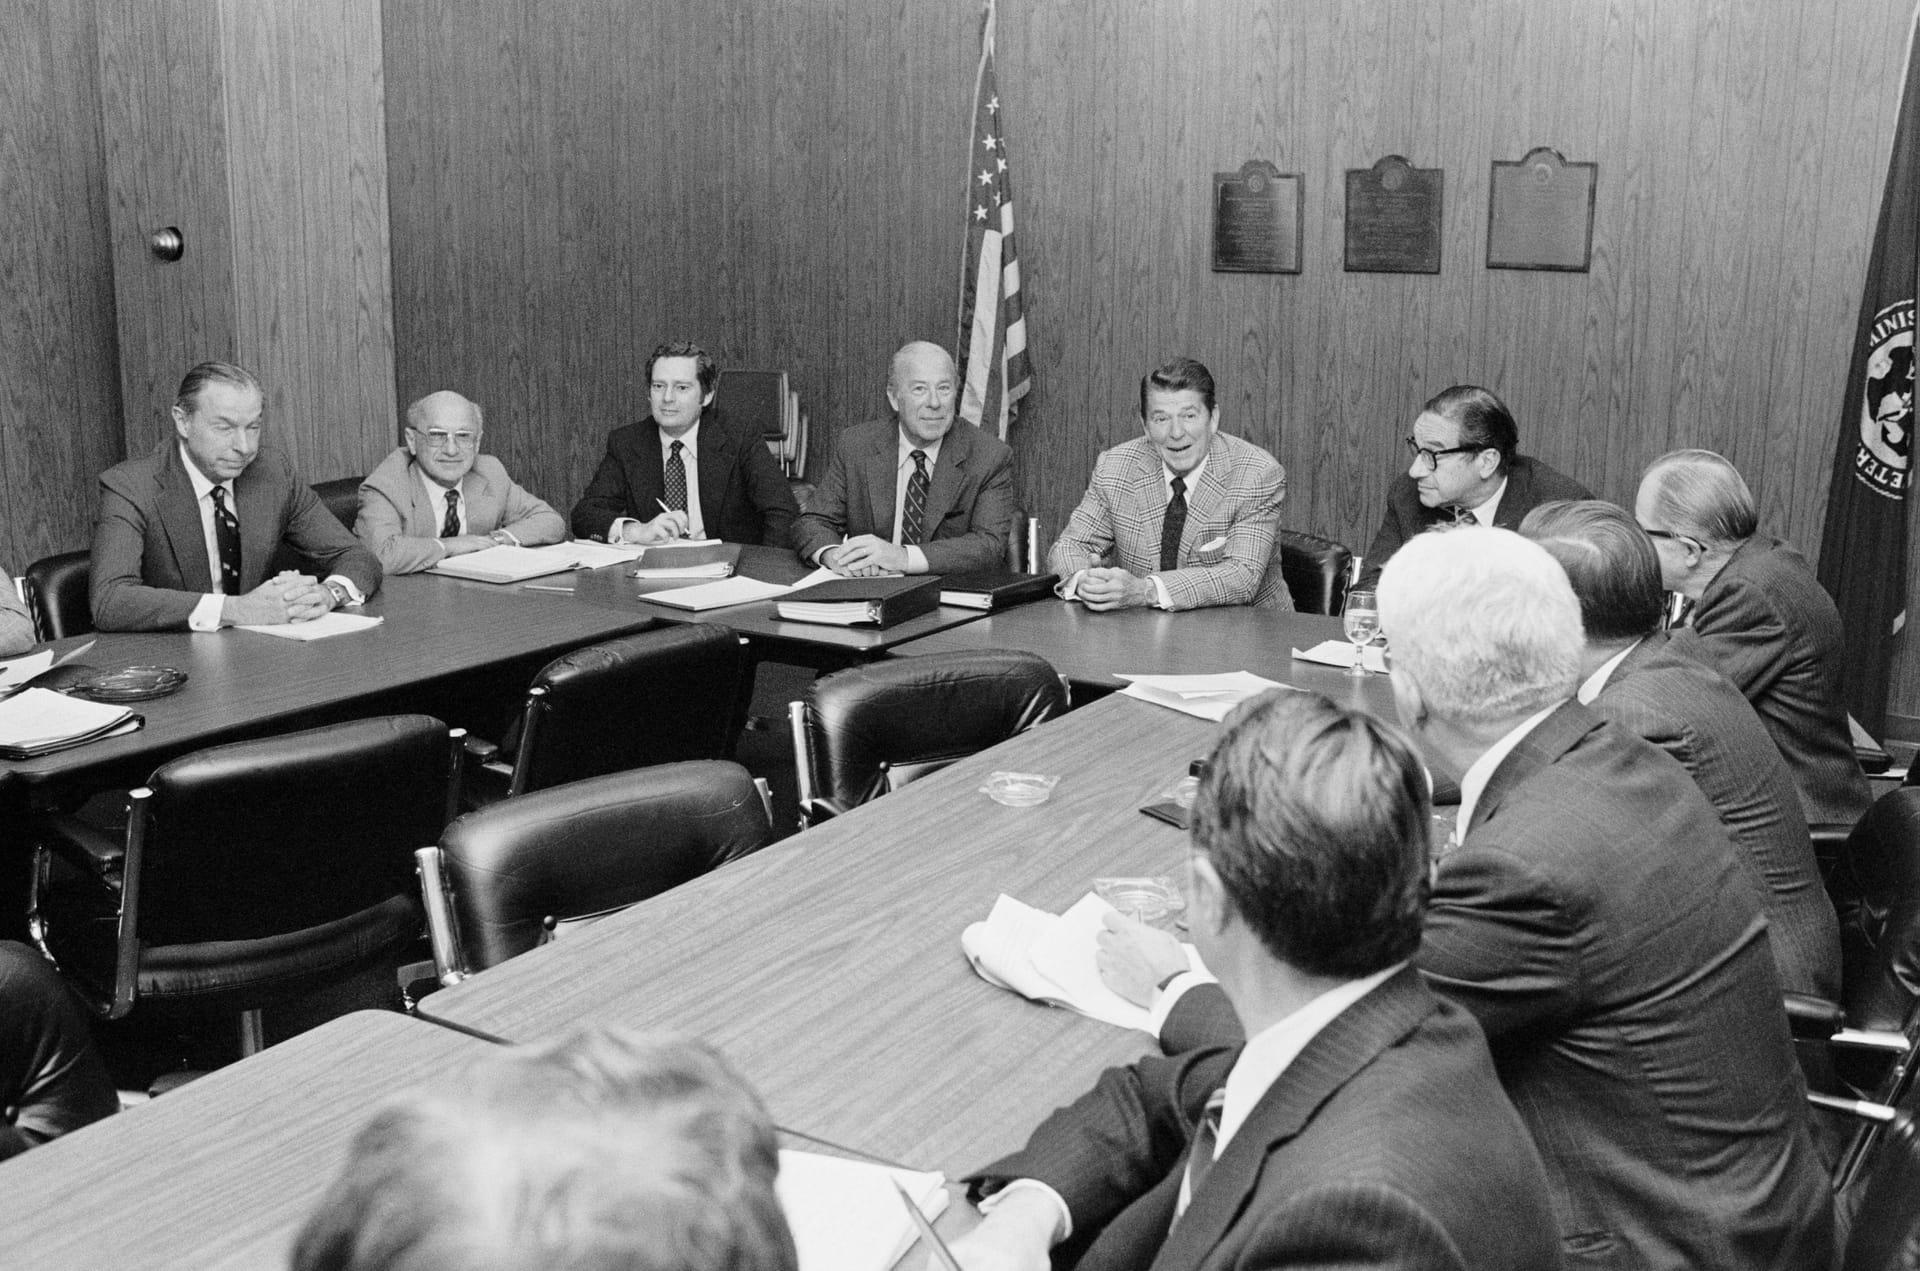 Новообраний президент Рональд Рейган і його економічні радники: другий зліва — Мілтон Фрідман; Лос-Анжелес, 1980